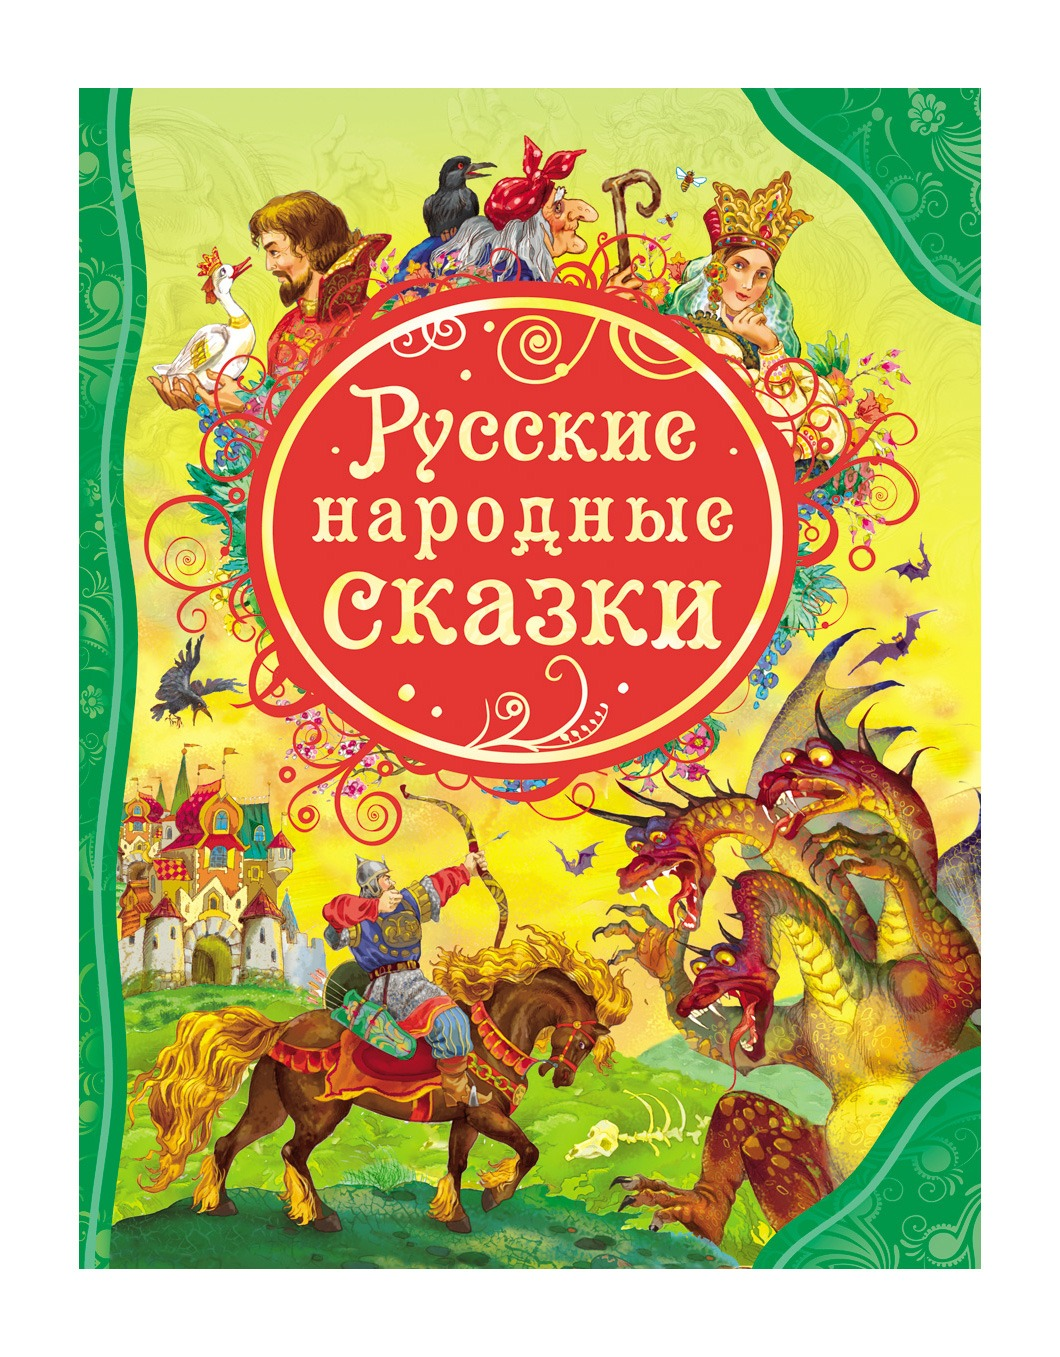 Картинки книги с надписью сказки